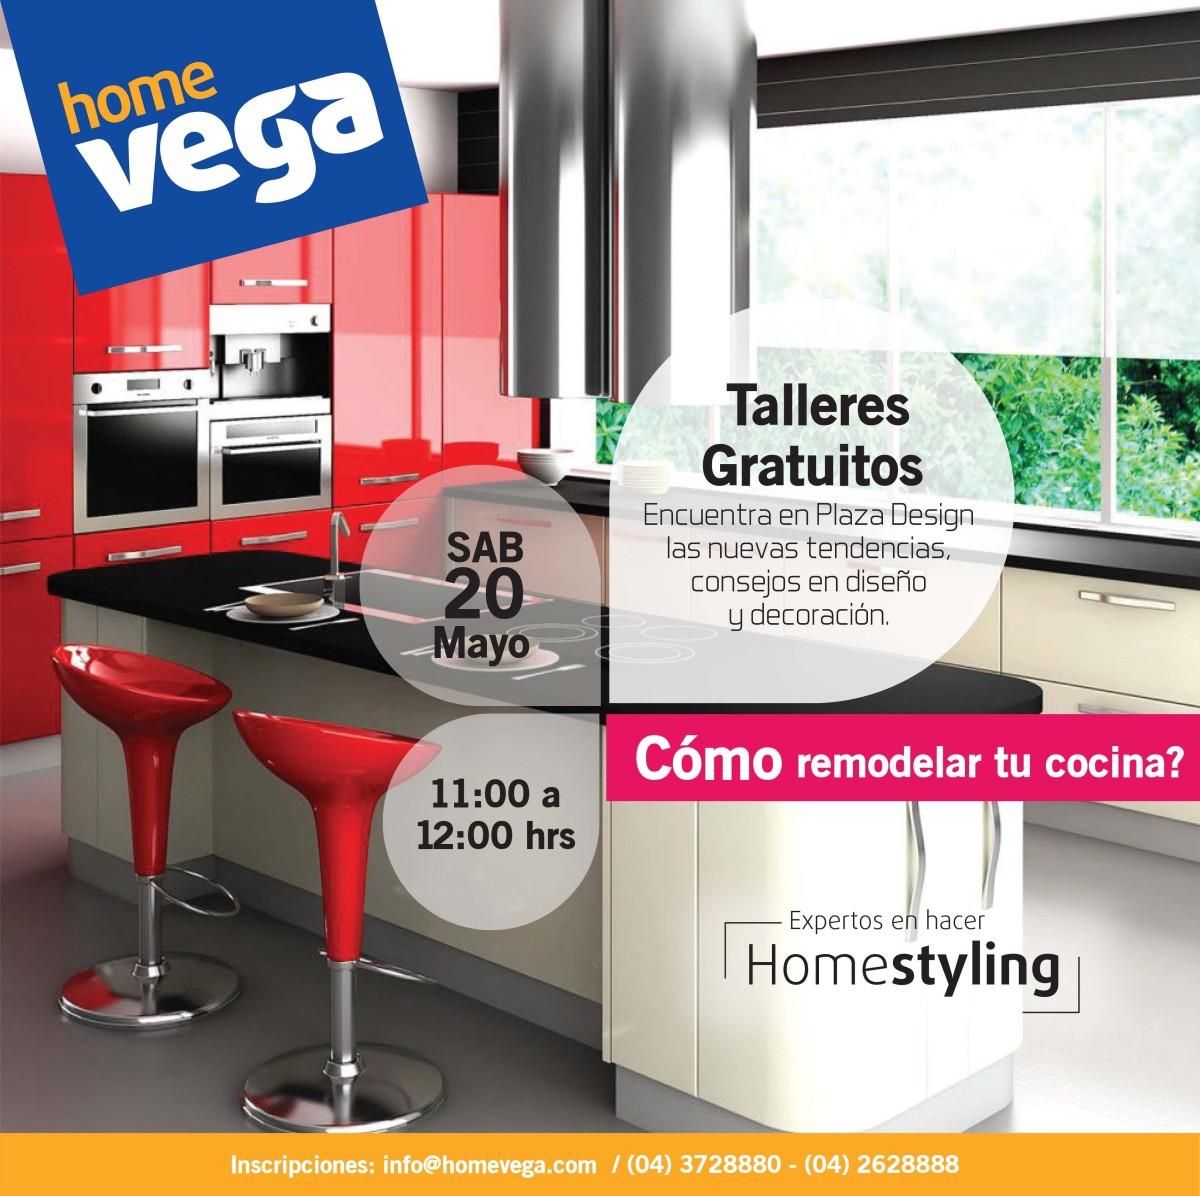 Talleres Gratuitos En Home Vega De Plaza Design Guayaquil Por Planbelow Laboratorio Experiencias BTL Innovacion Y Emprendimiento